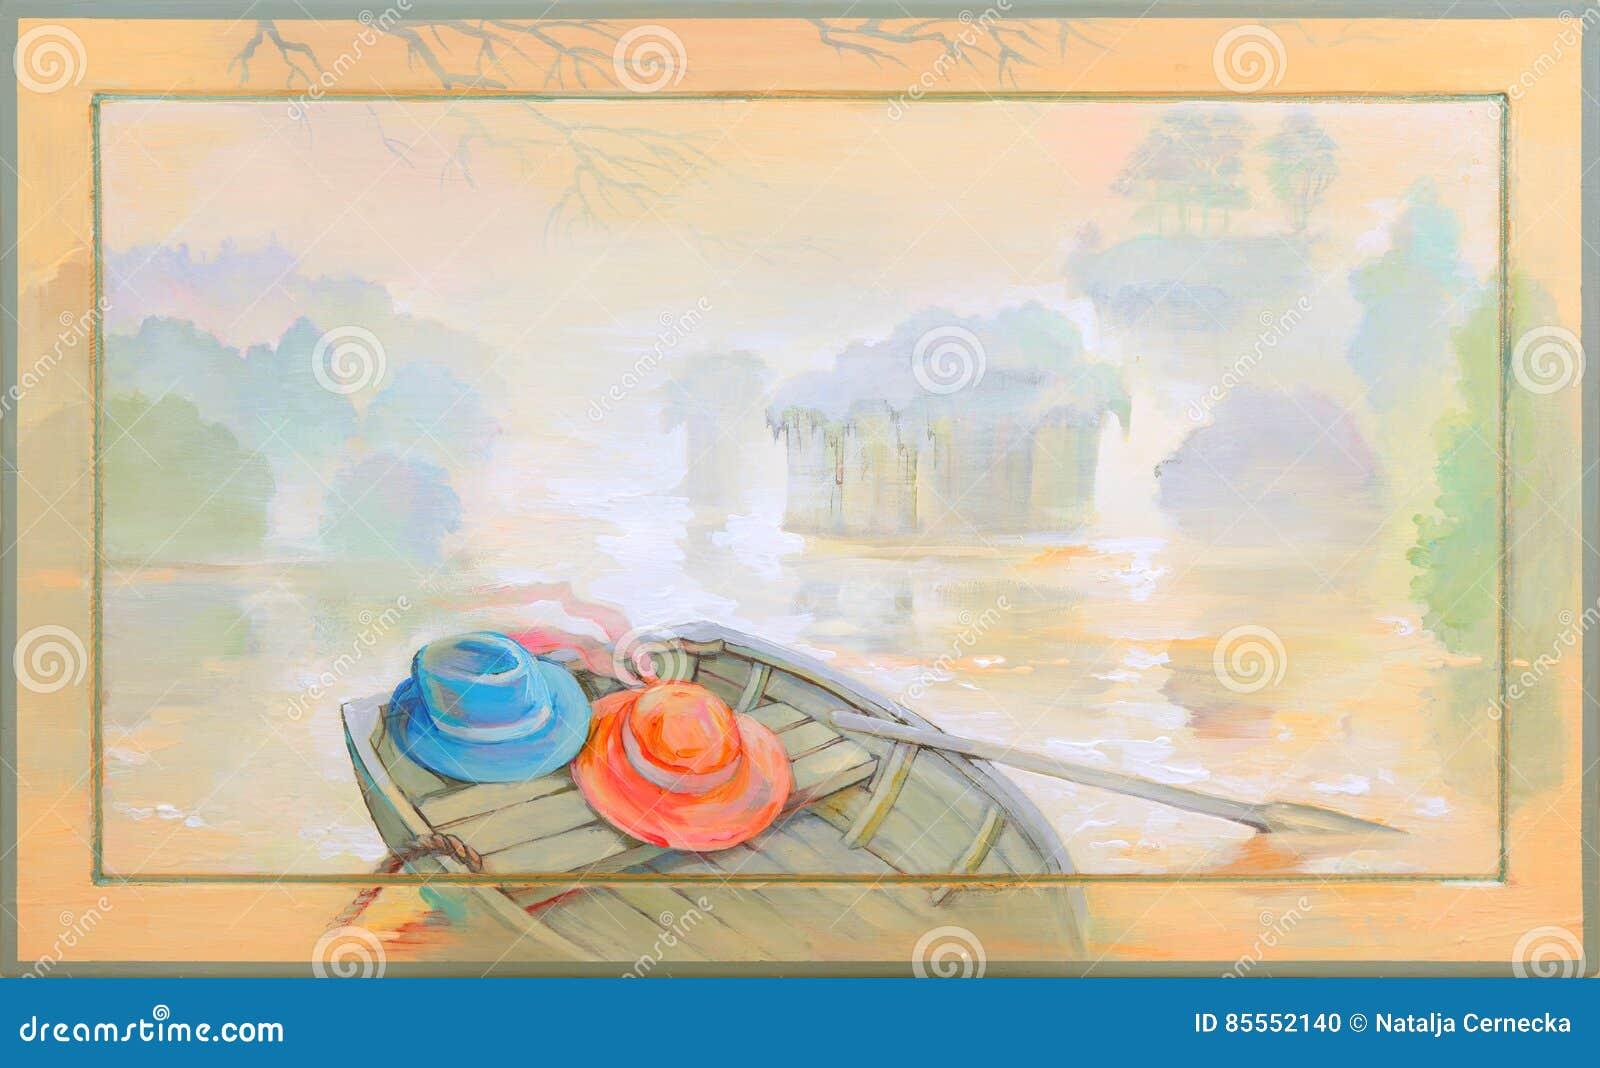 Im Nebel Schöne Landschaft mit einem Boot auf der Flussbank Ölgemälde auf Holz